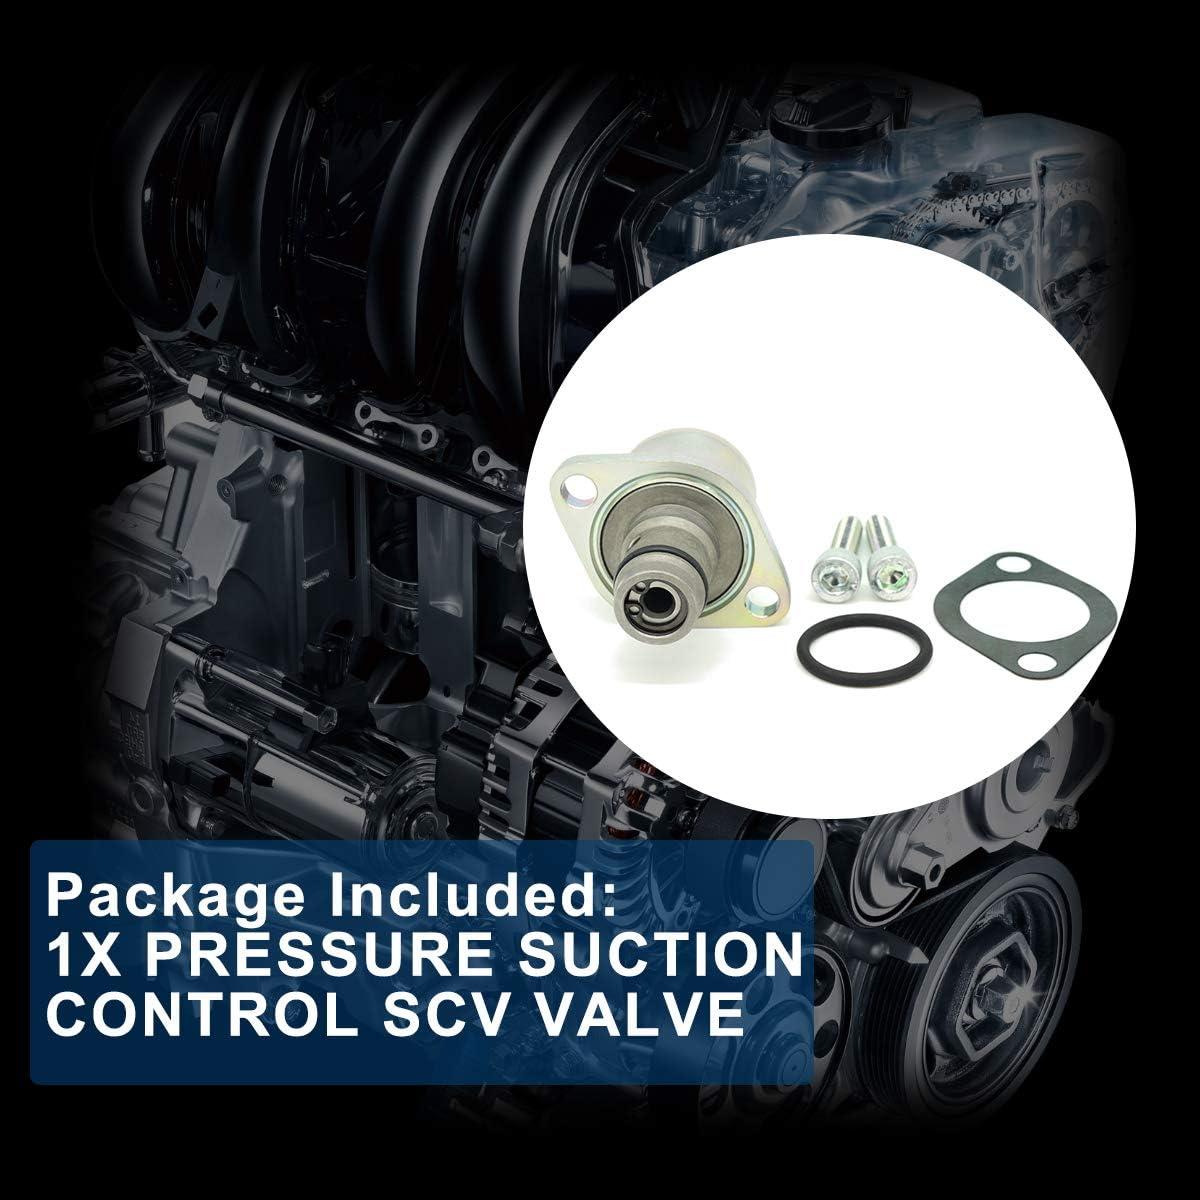 SCV Fit Mitsubishi Pajero Triton Isuzu Dmax Mazda Pressure Suction Control Valve